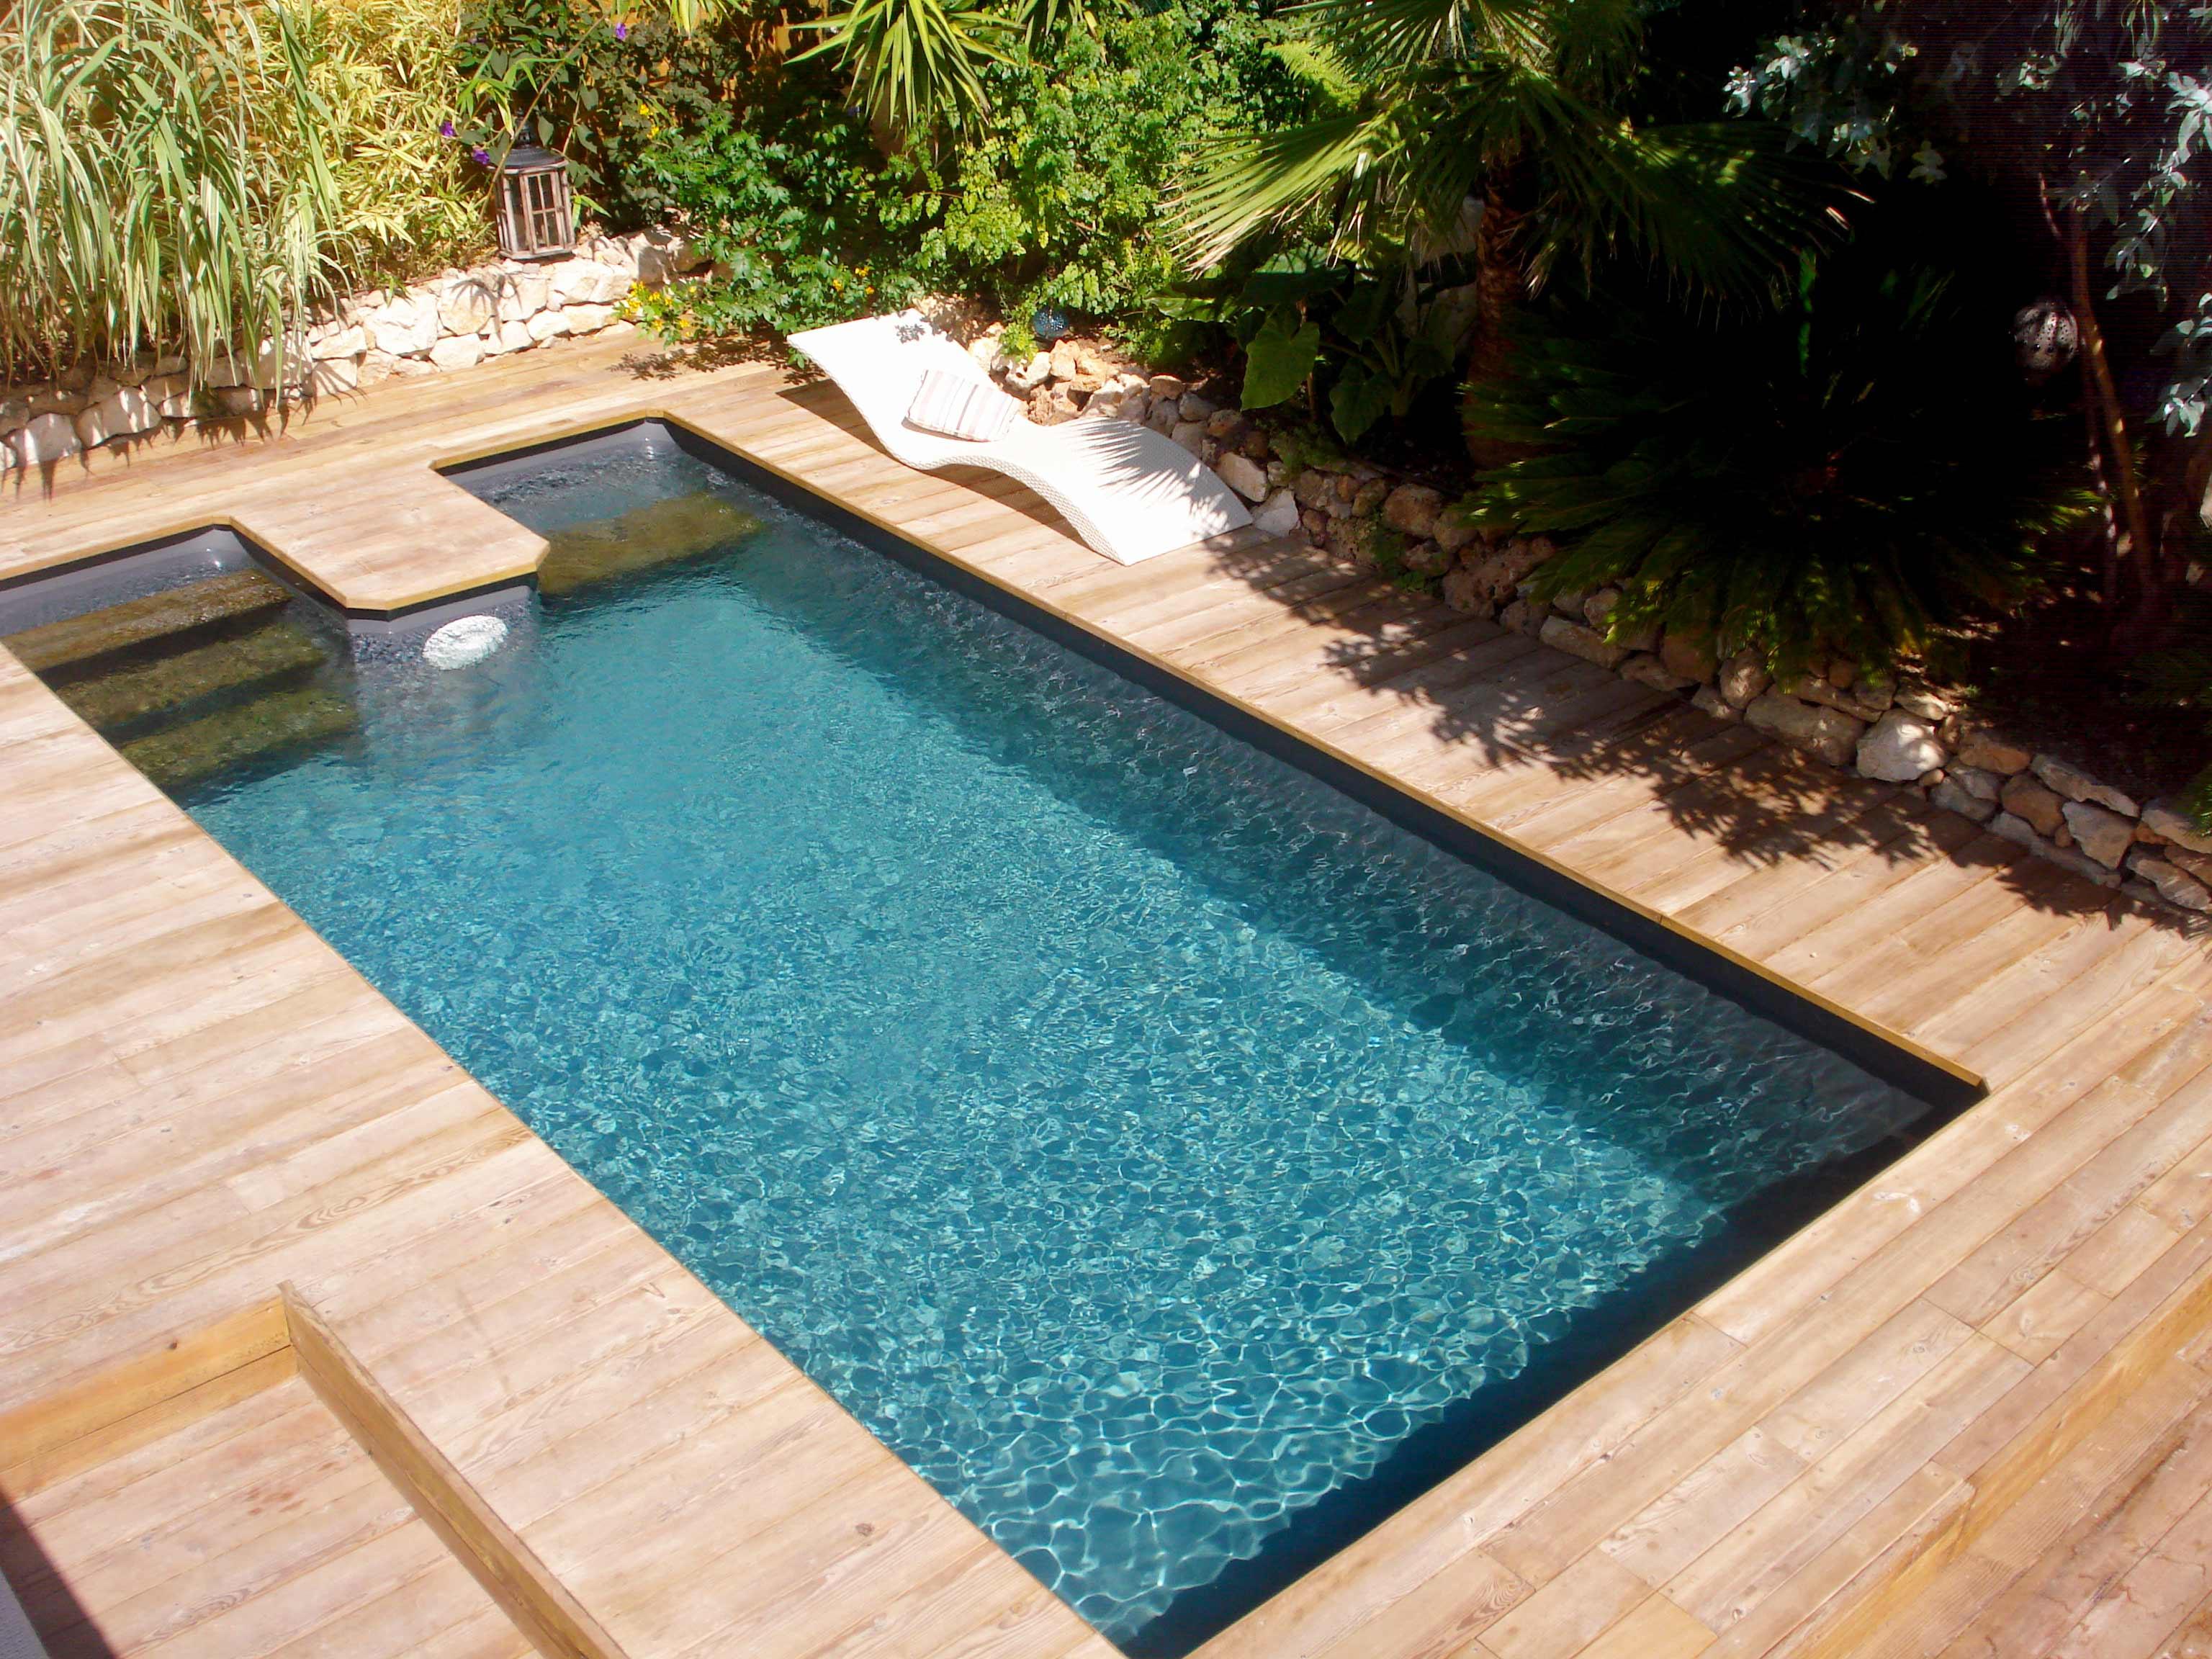 Piscine En Bois Petite Taille kit piscine bois rectangulaire avec escalier sous liner spark blue  649x349x141 cm